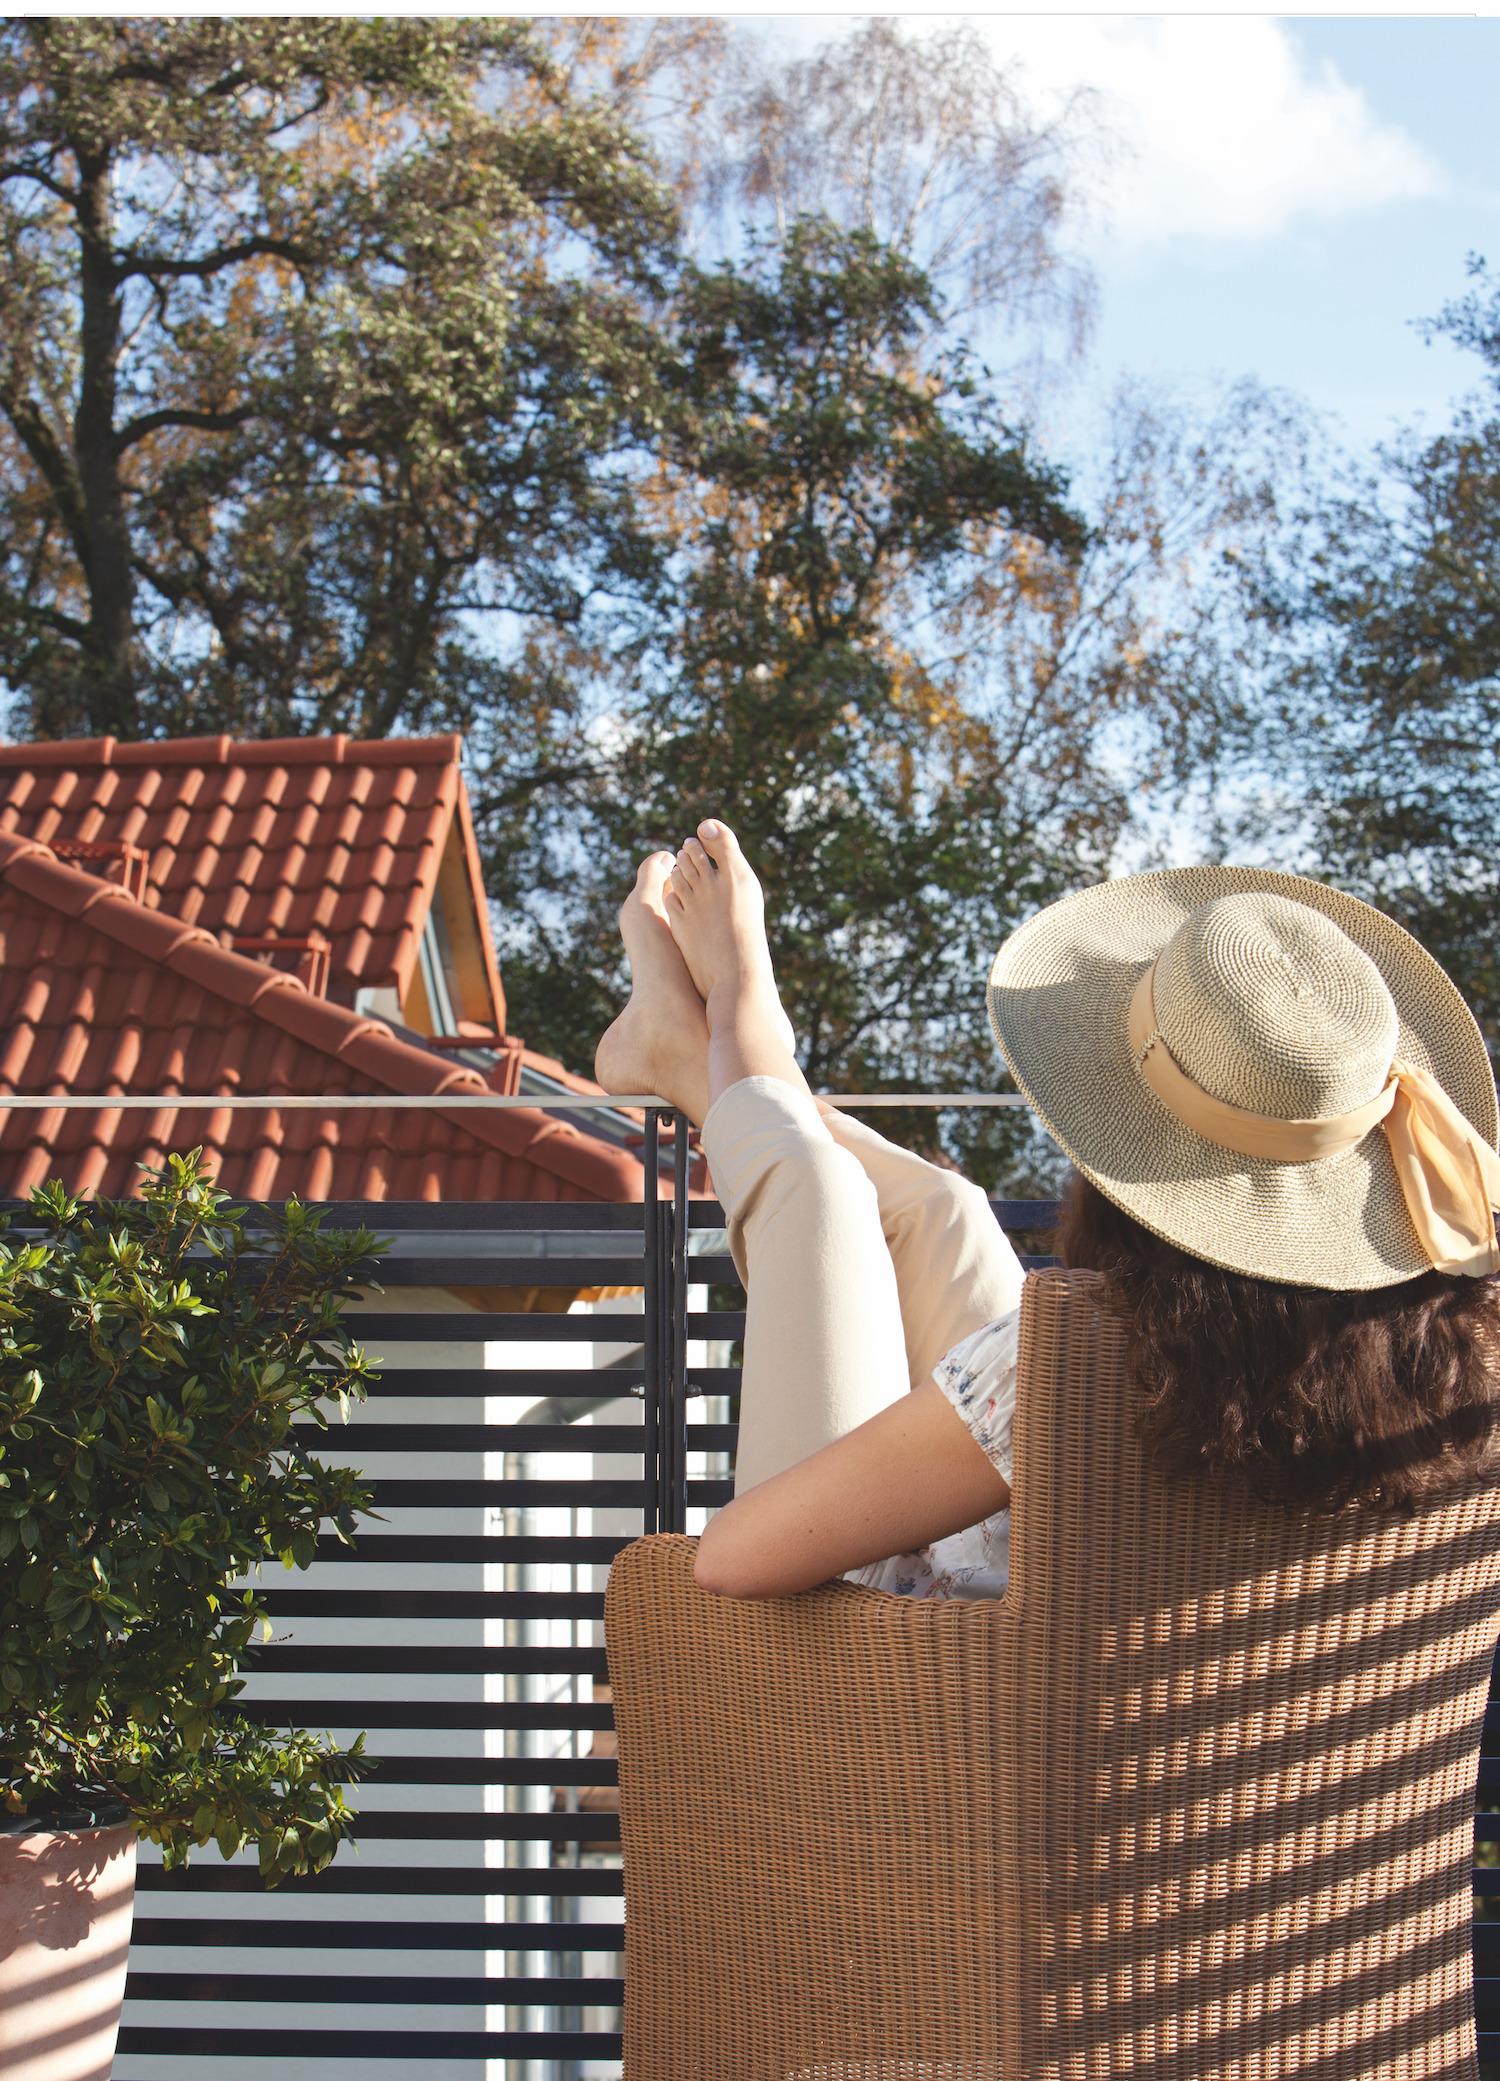 Gewährleistung Dachdeckerarbeiten: das müssen Sie wissen